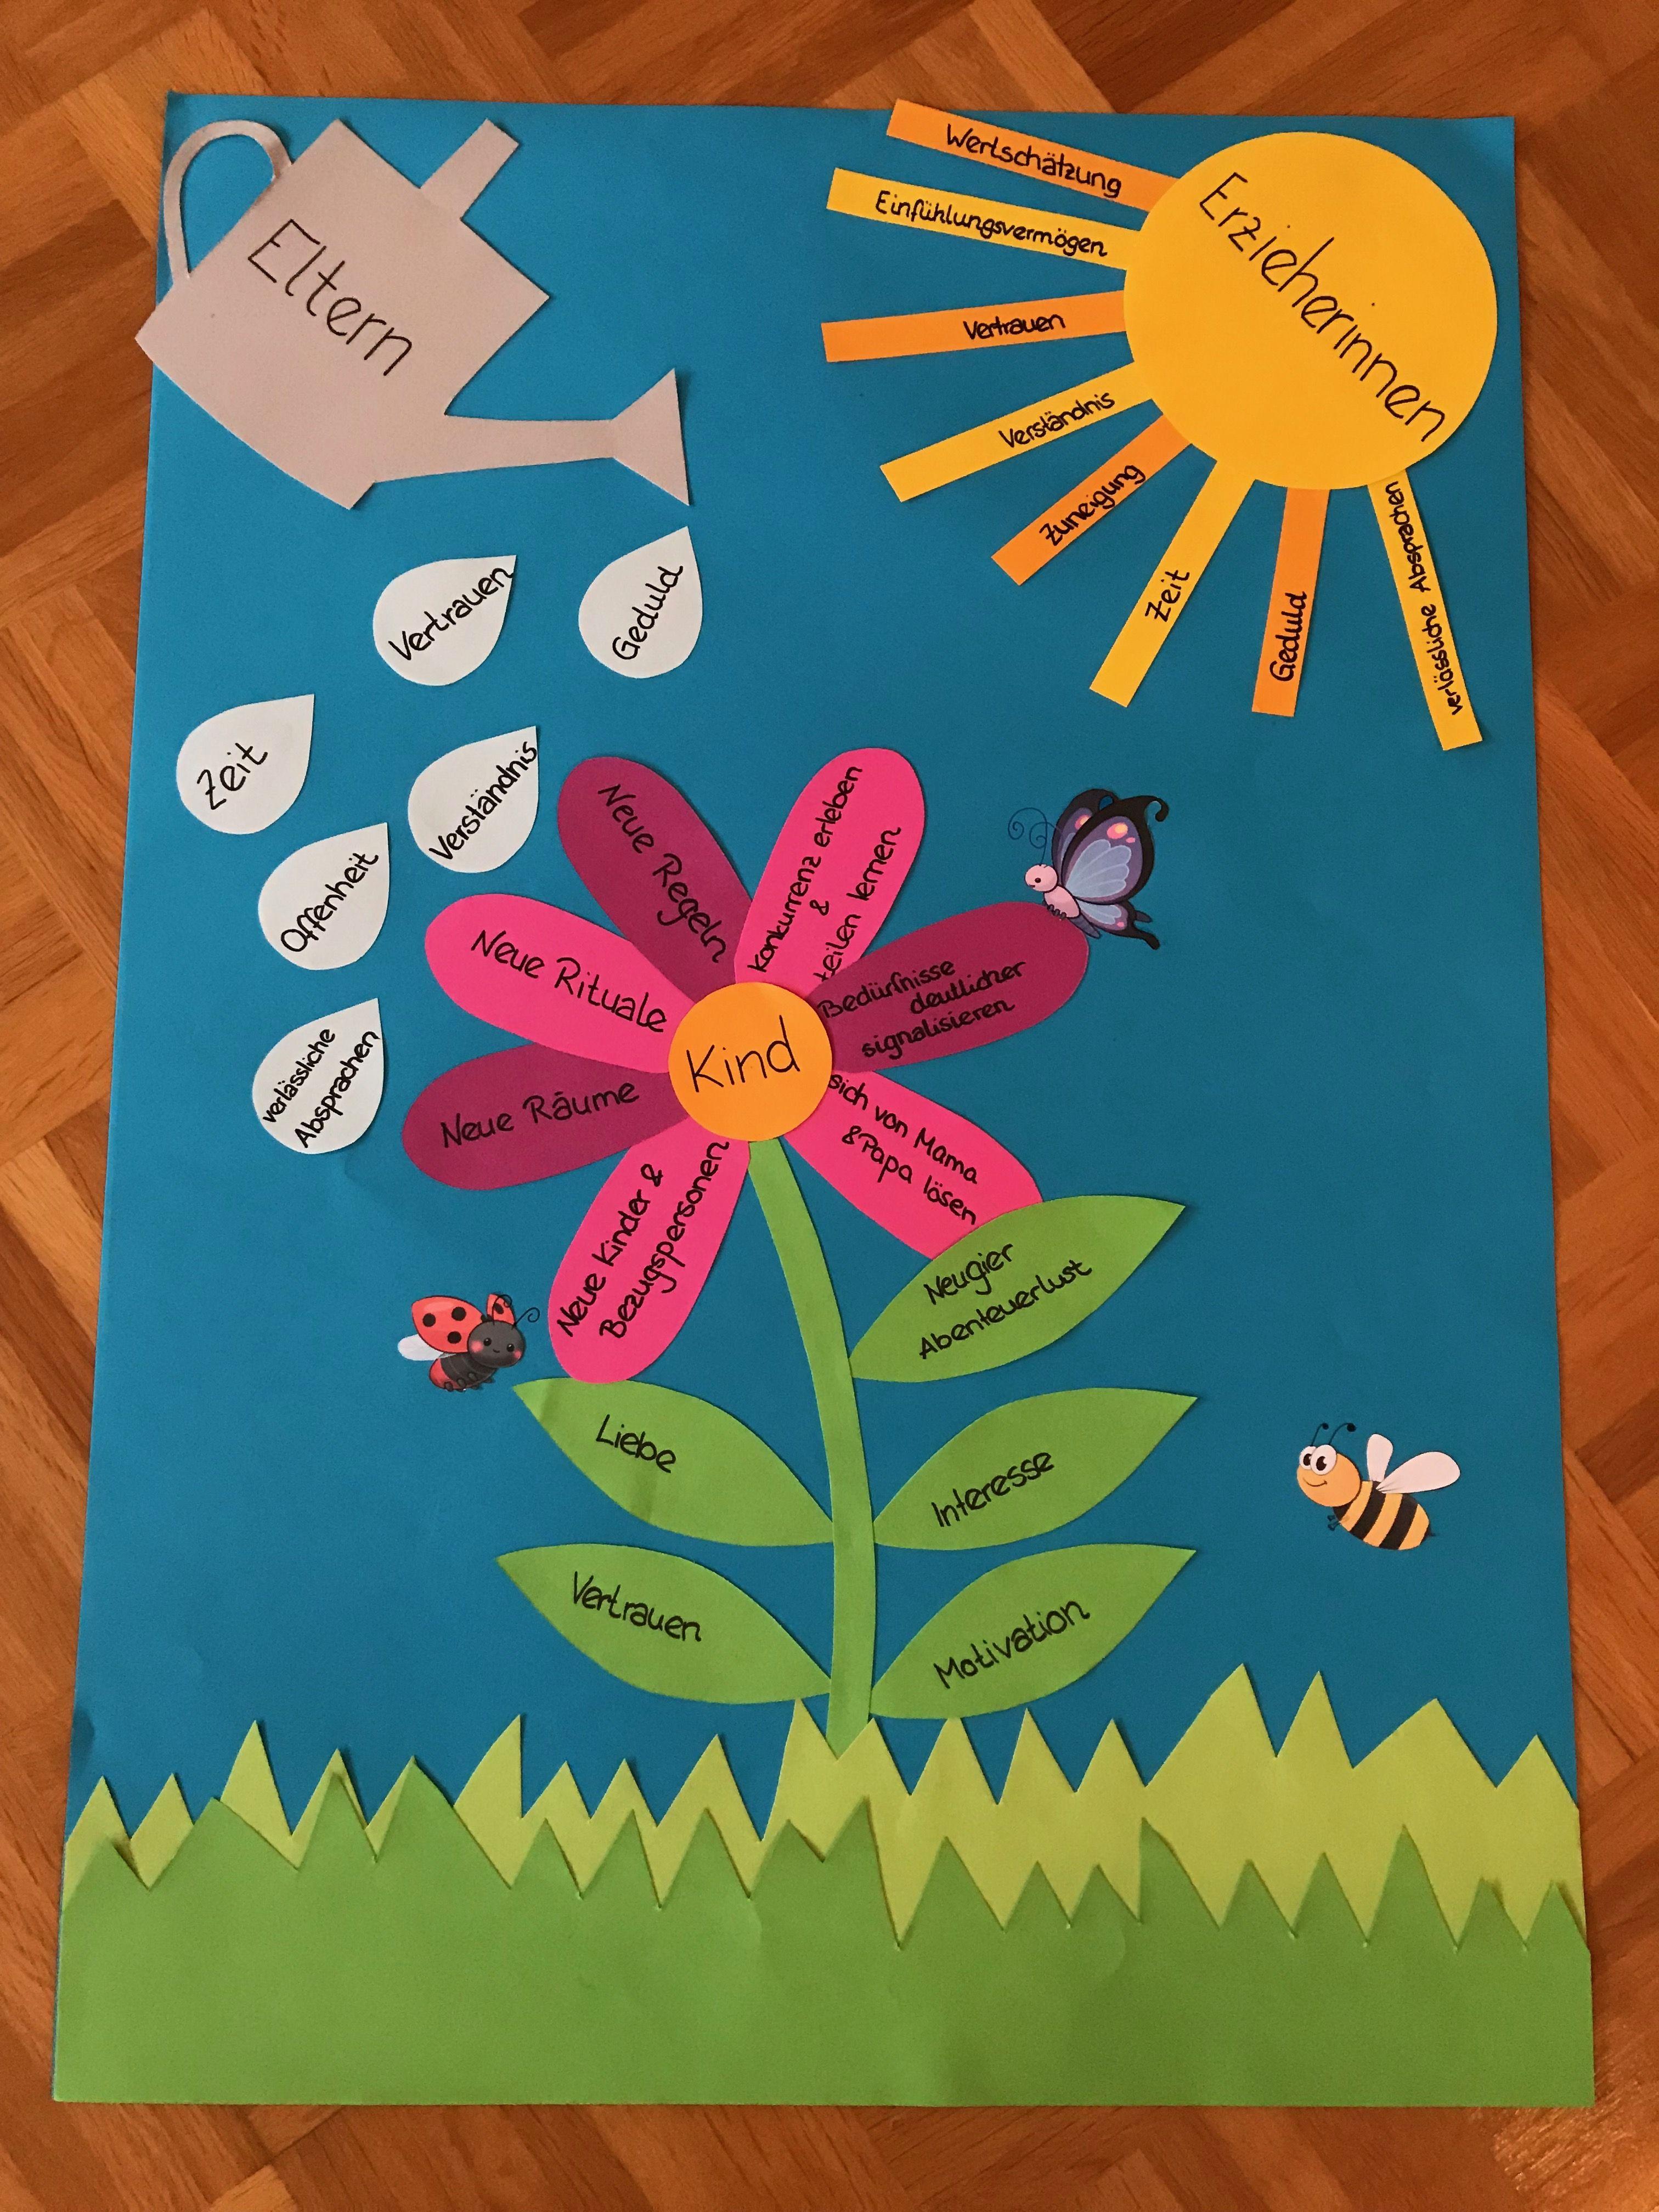 Bezaubernd Kindergarten Ideen Sammlung Von Eingewöhnung Kinder Basteln Ideen, Kreative Für Kinder,